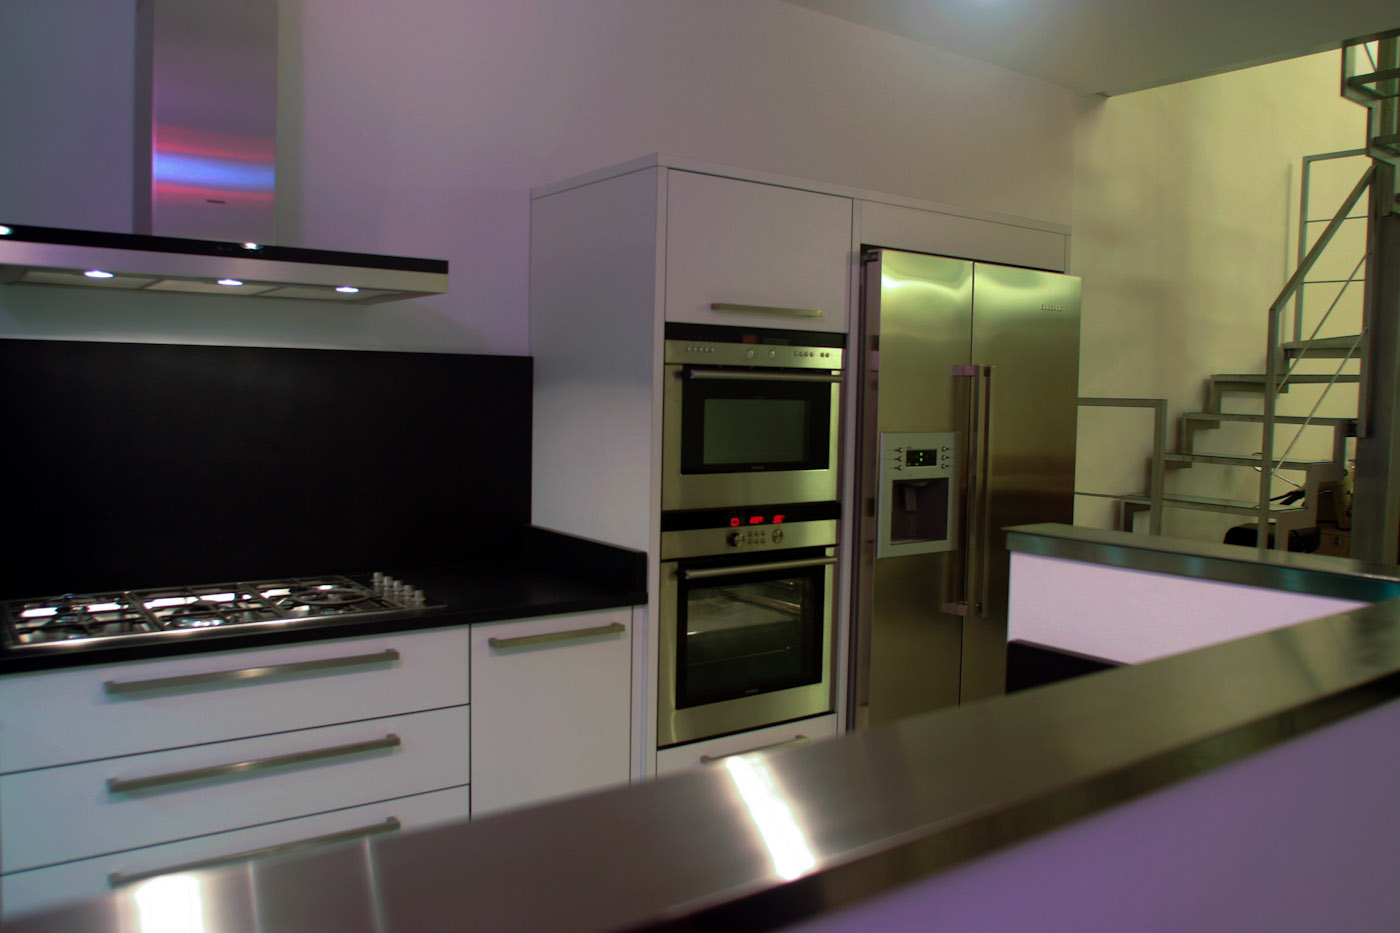 Radice arredamenti radice arredamenti cucina laminato for In cucina arredamenti roletto